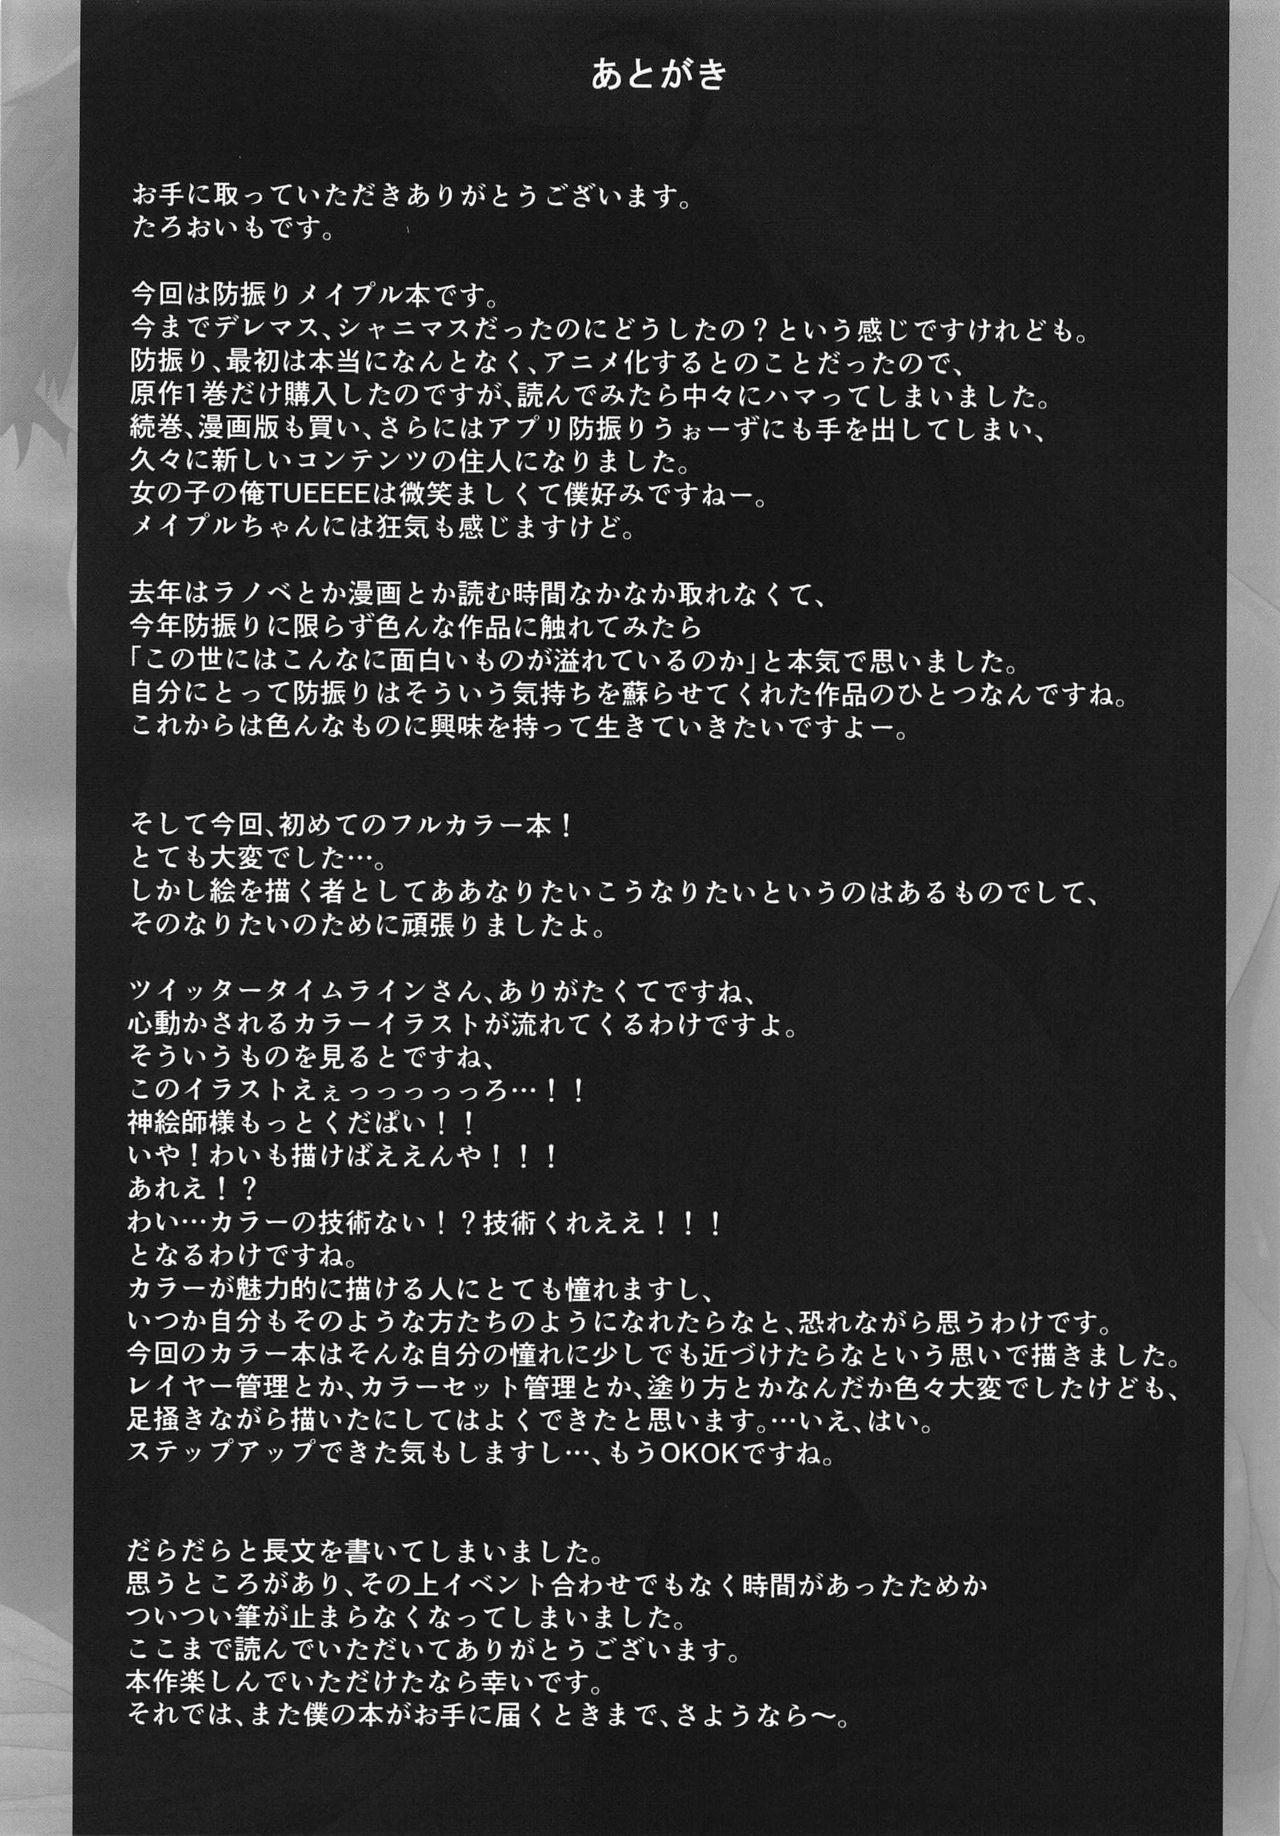 Itai no wa Iya nanode Ecchi na Skill o Ippai Shutoku Shitai to Omoimasu. 11